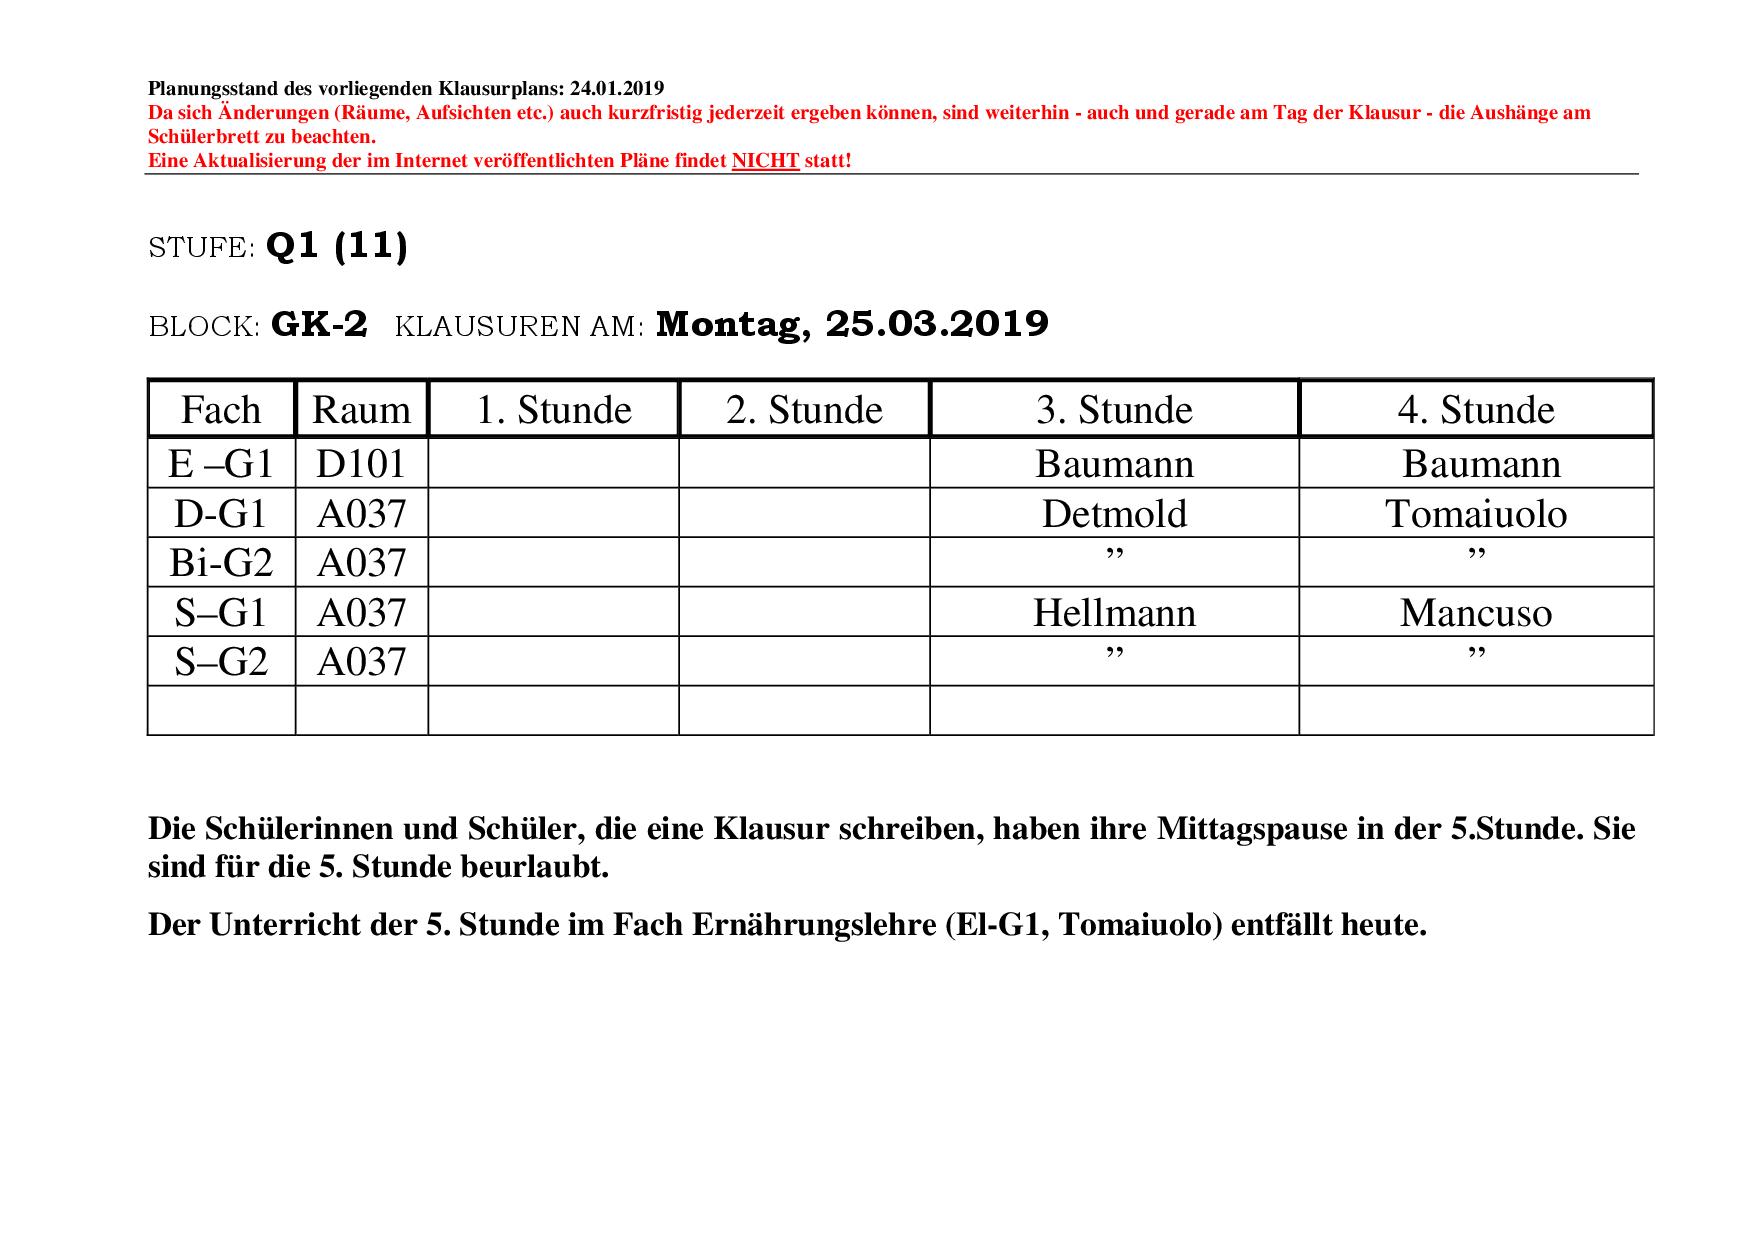 Q1_Klausurplaene-006